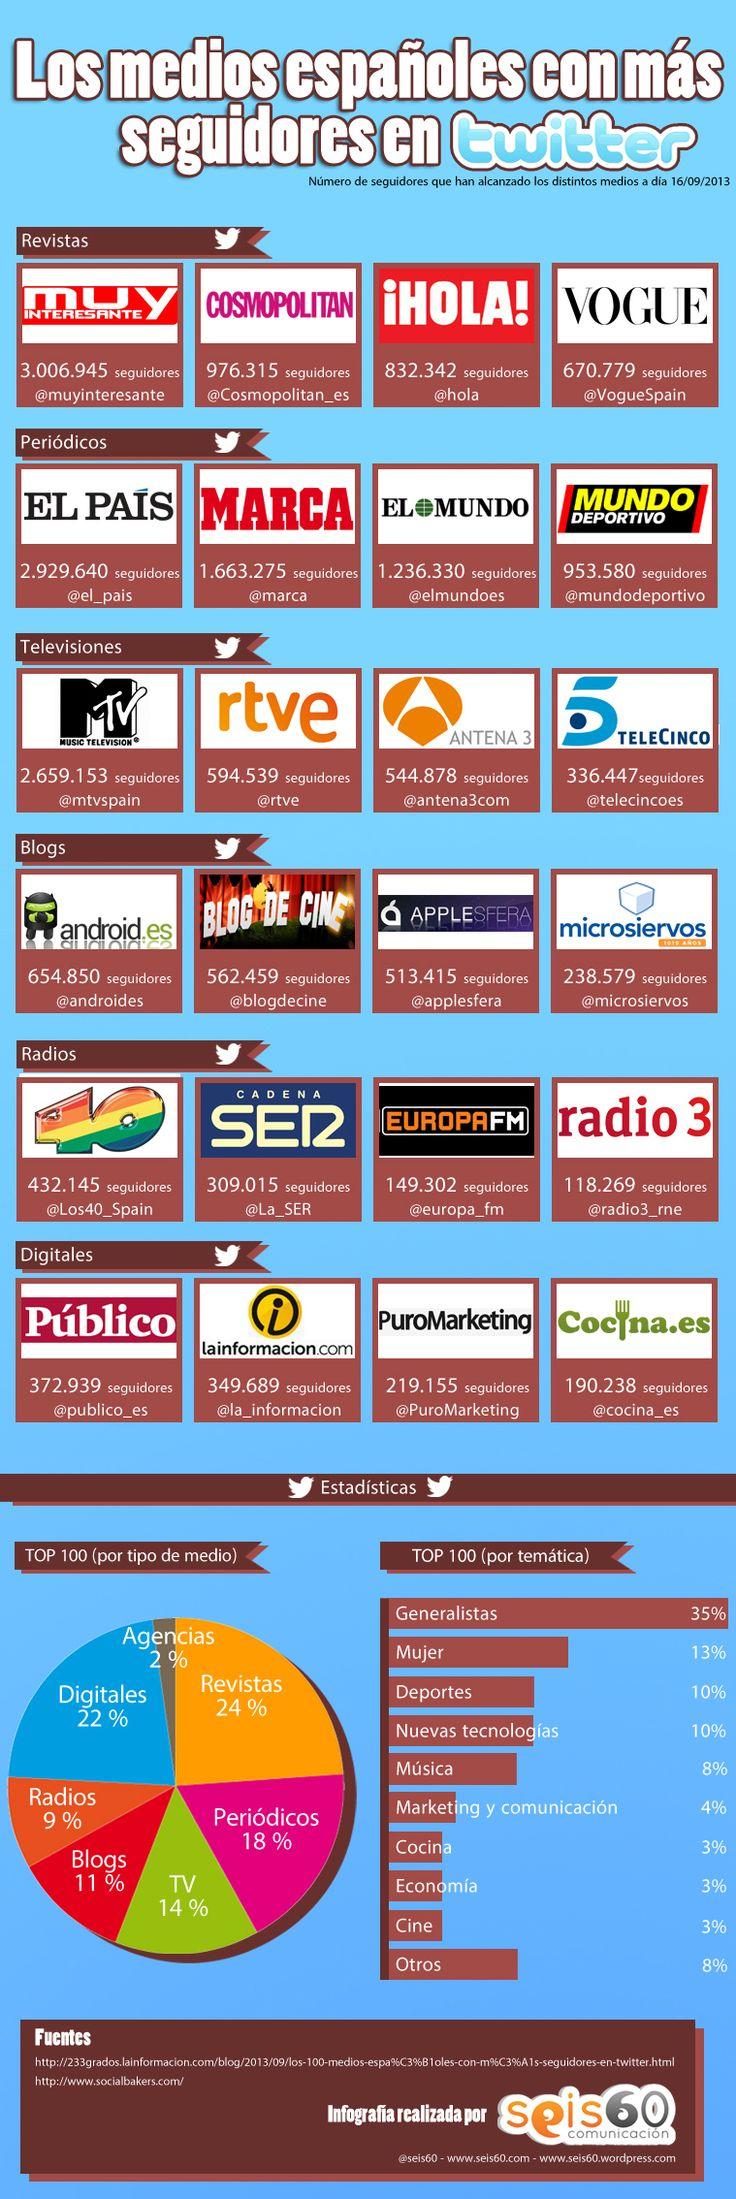 Medios españoles con más seguidores en Twitter #infografia